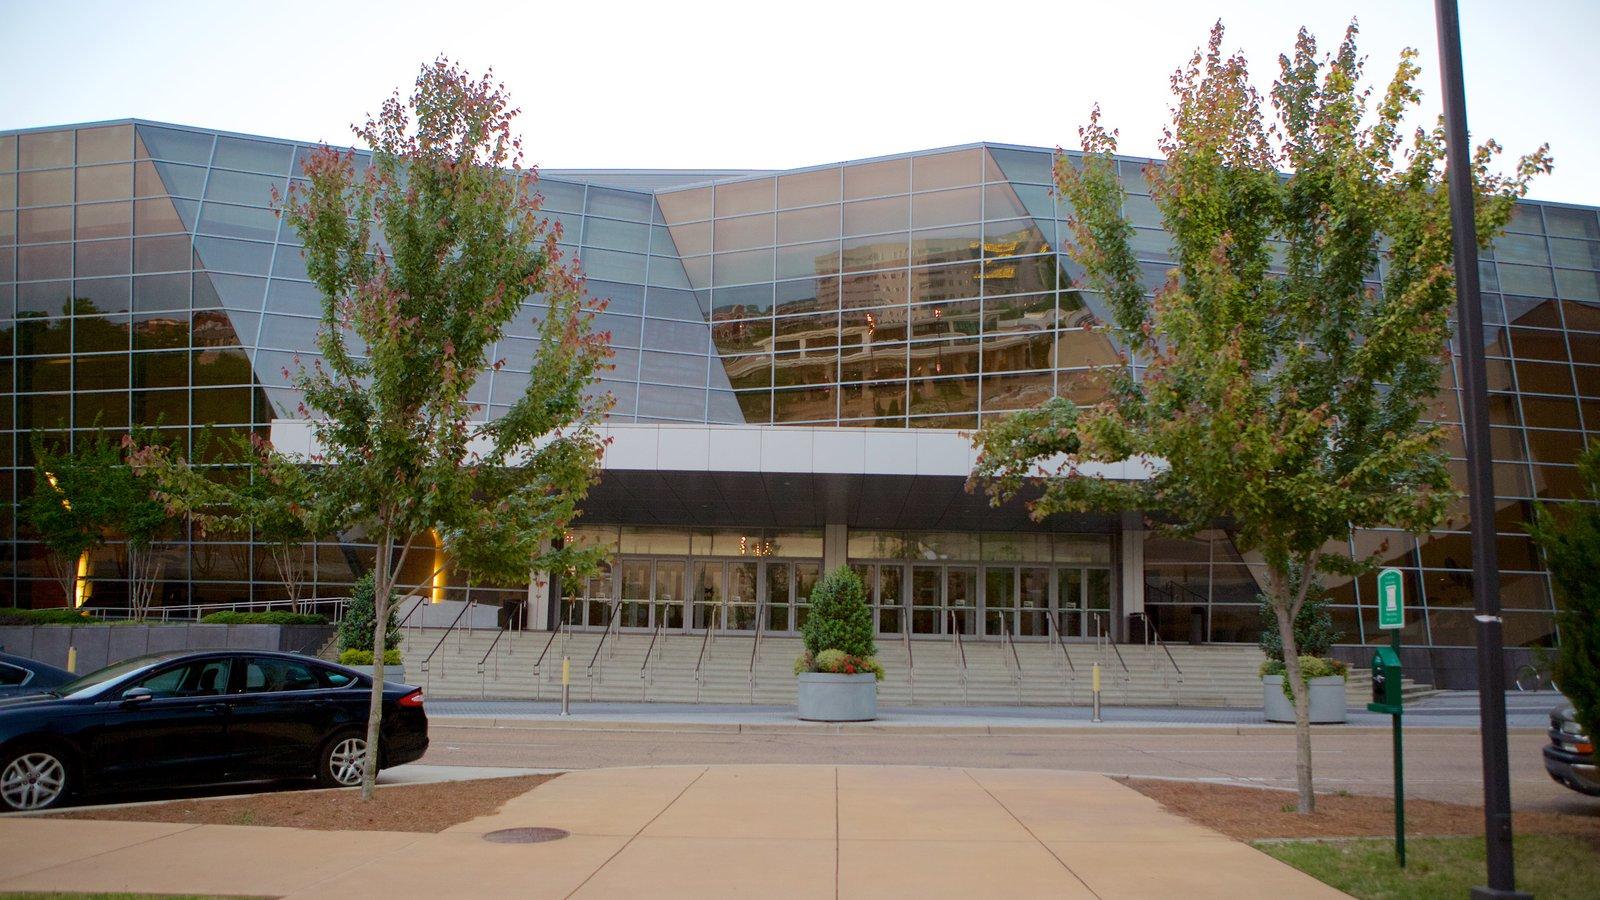 Jackson Convention Complex mostrando arquitetura moderna